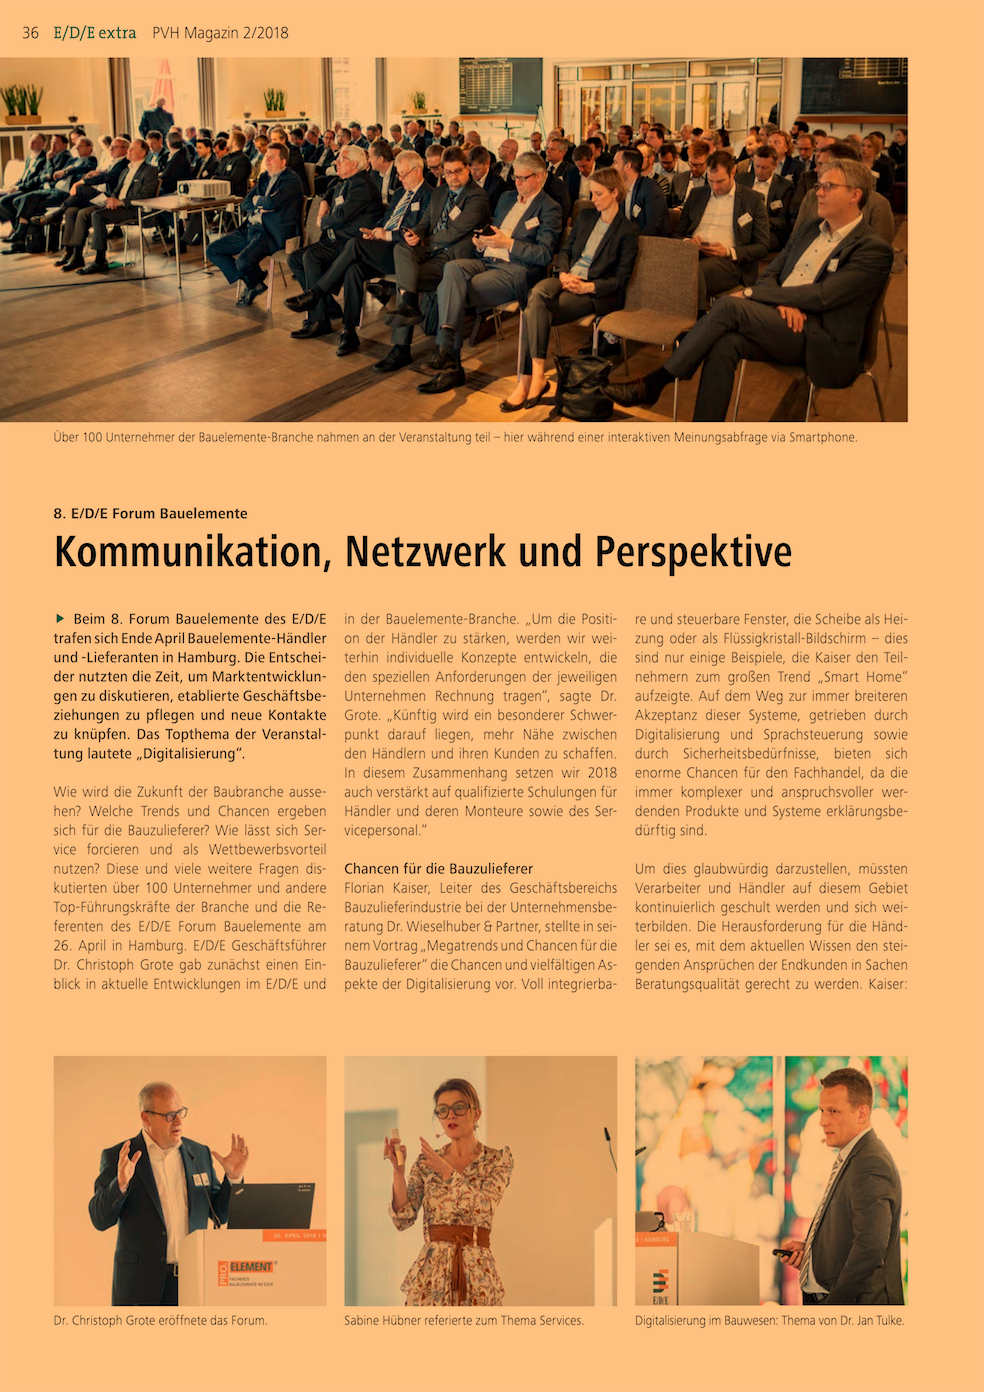 PVH-Magazin_Vorschau